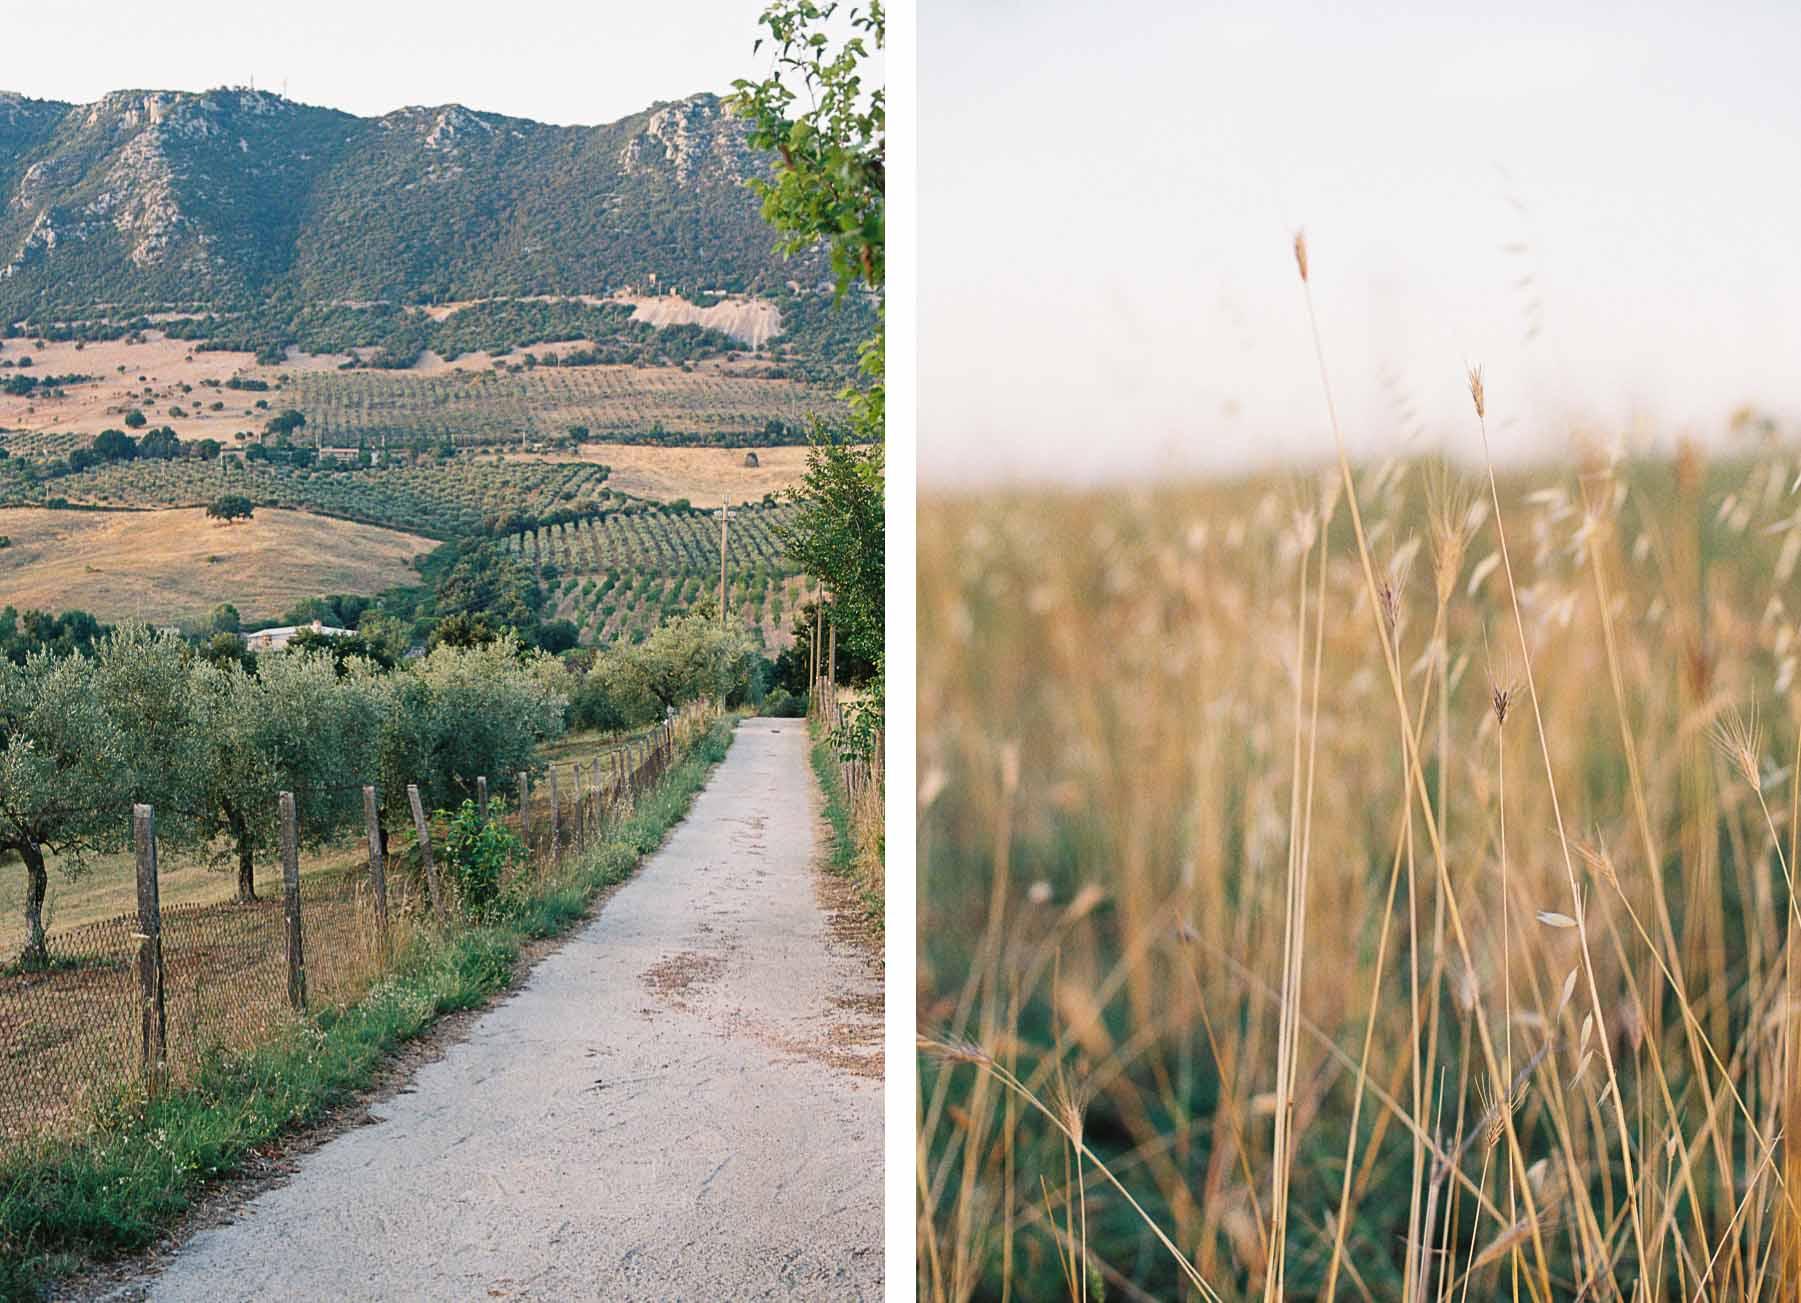 Weg durch Olivenhain und Detailansicht von Gräsern